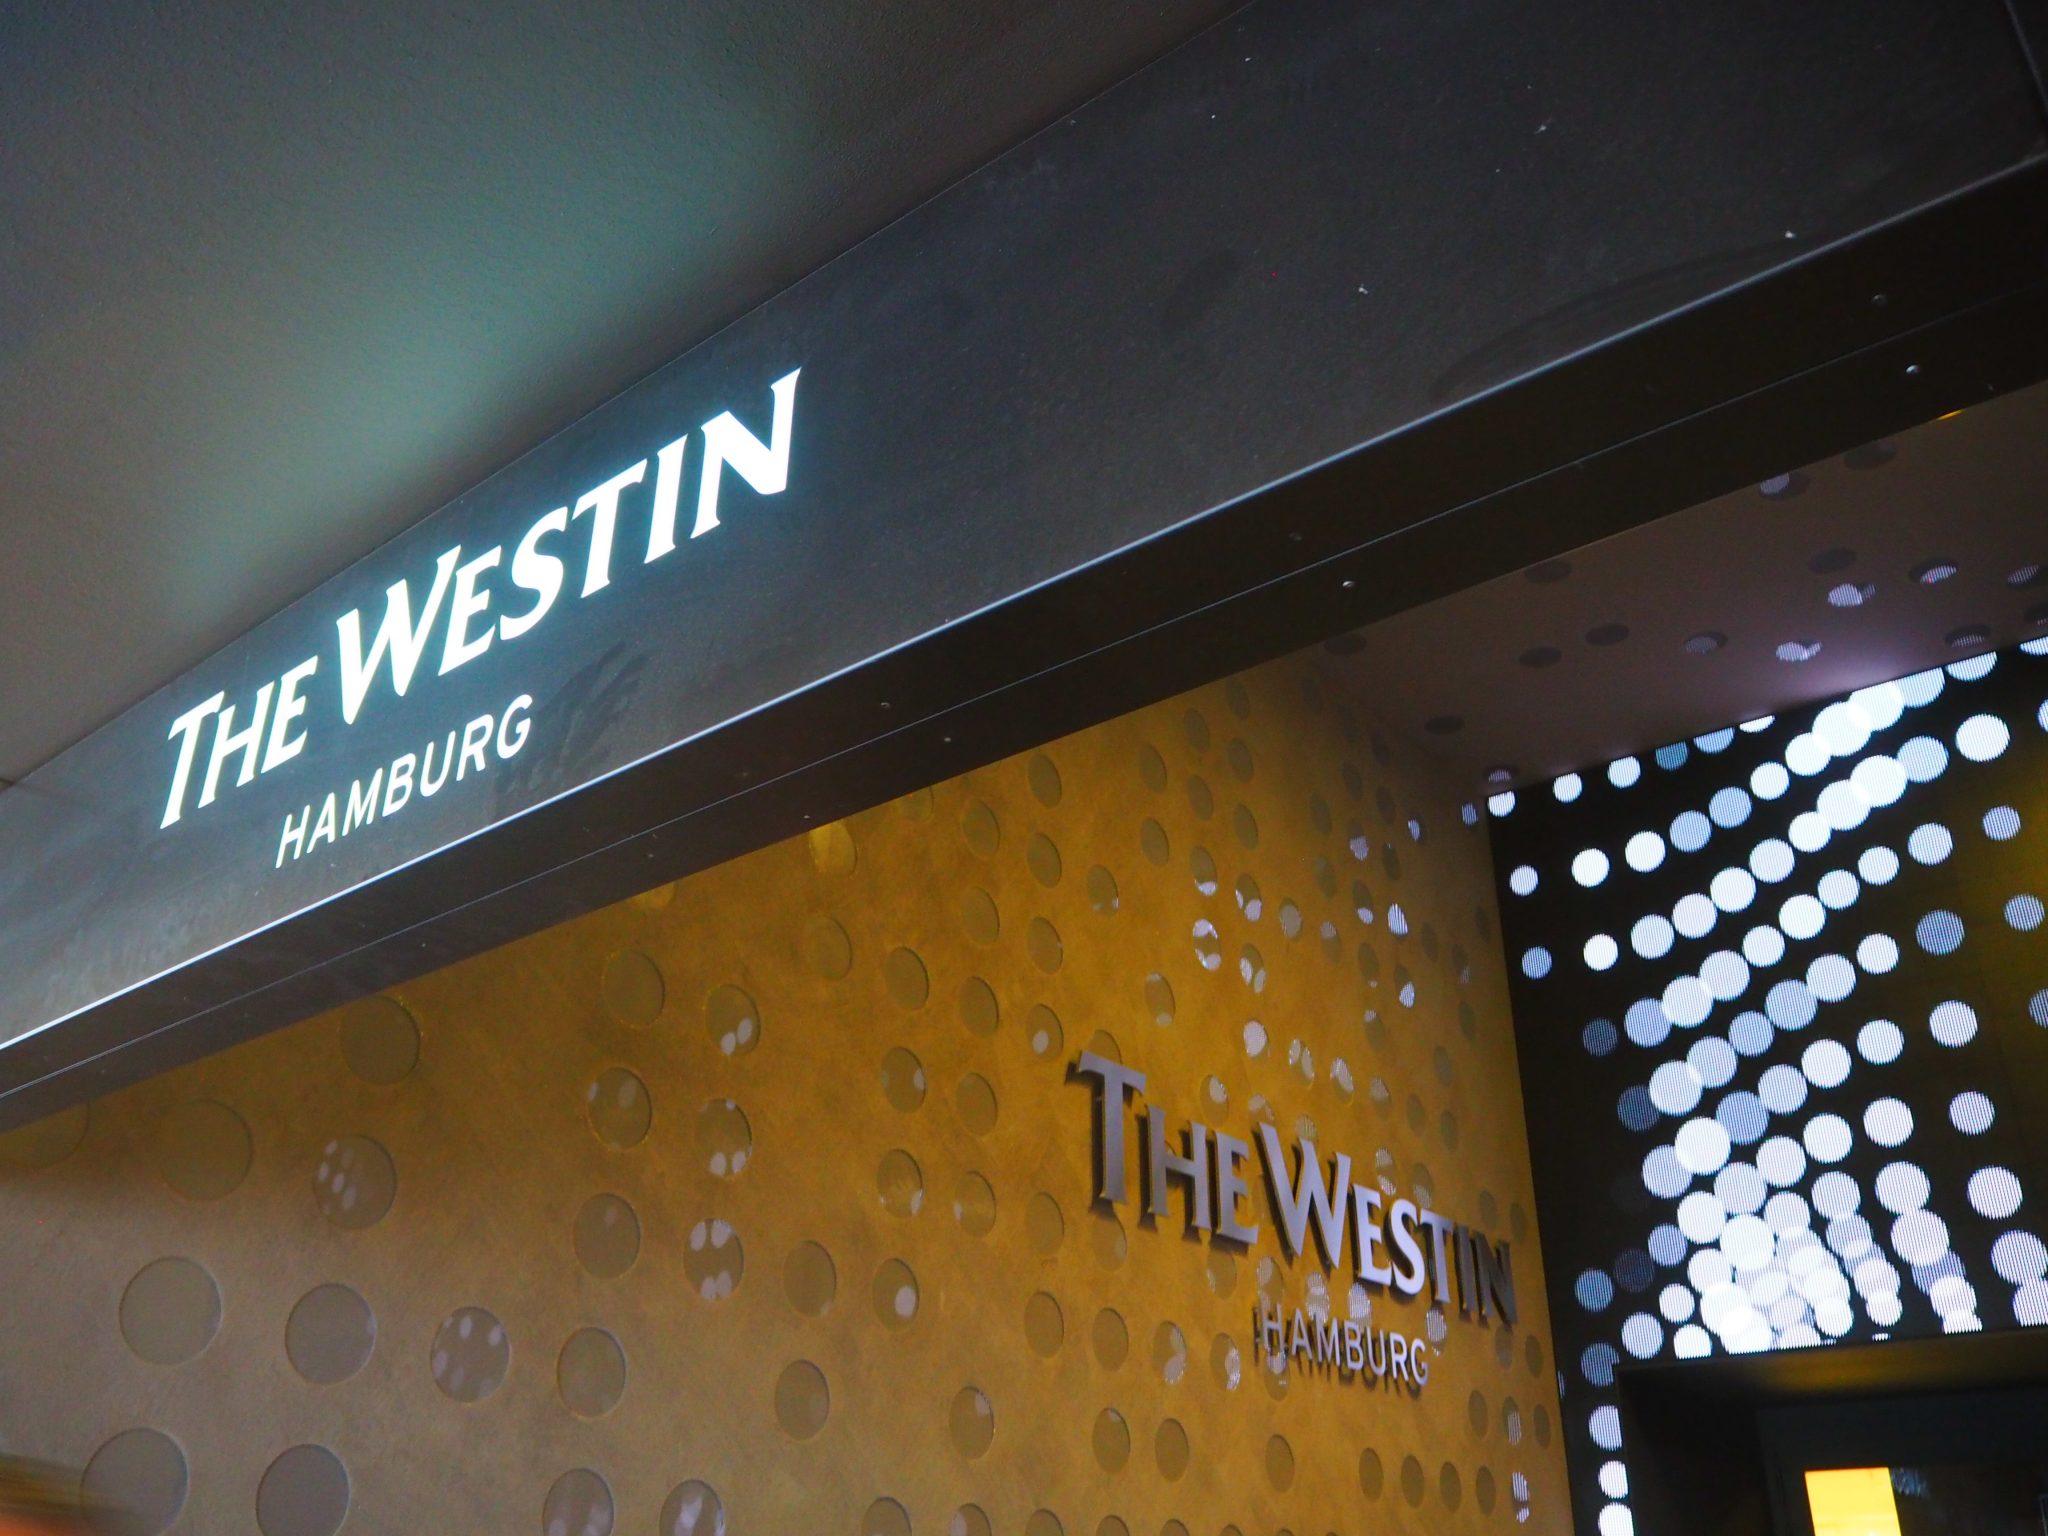 The Westin Hamburg Entrance